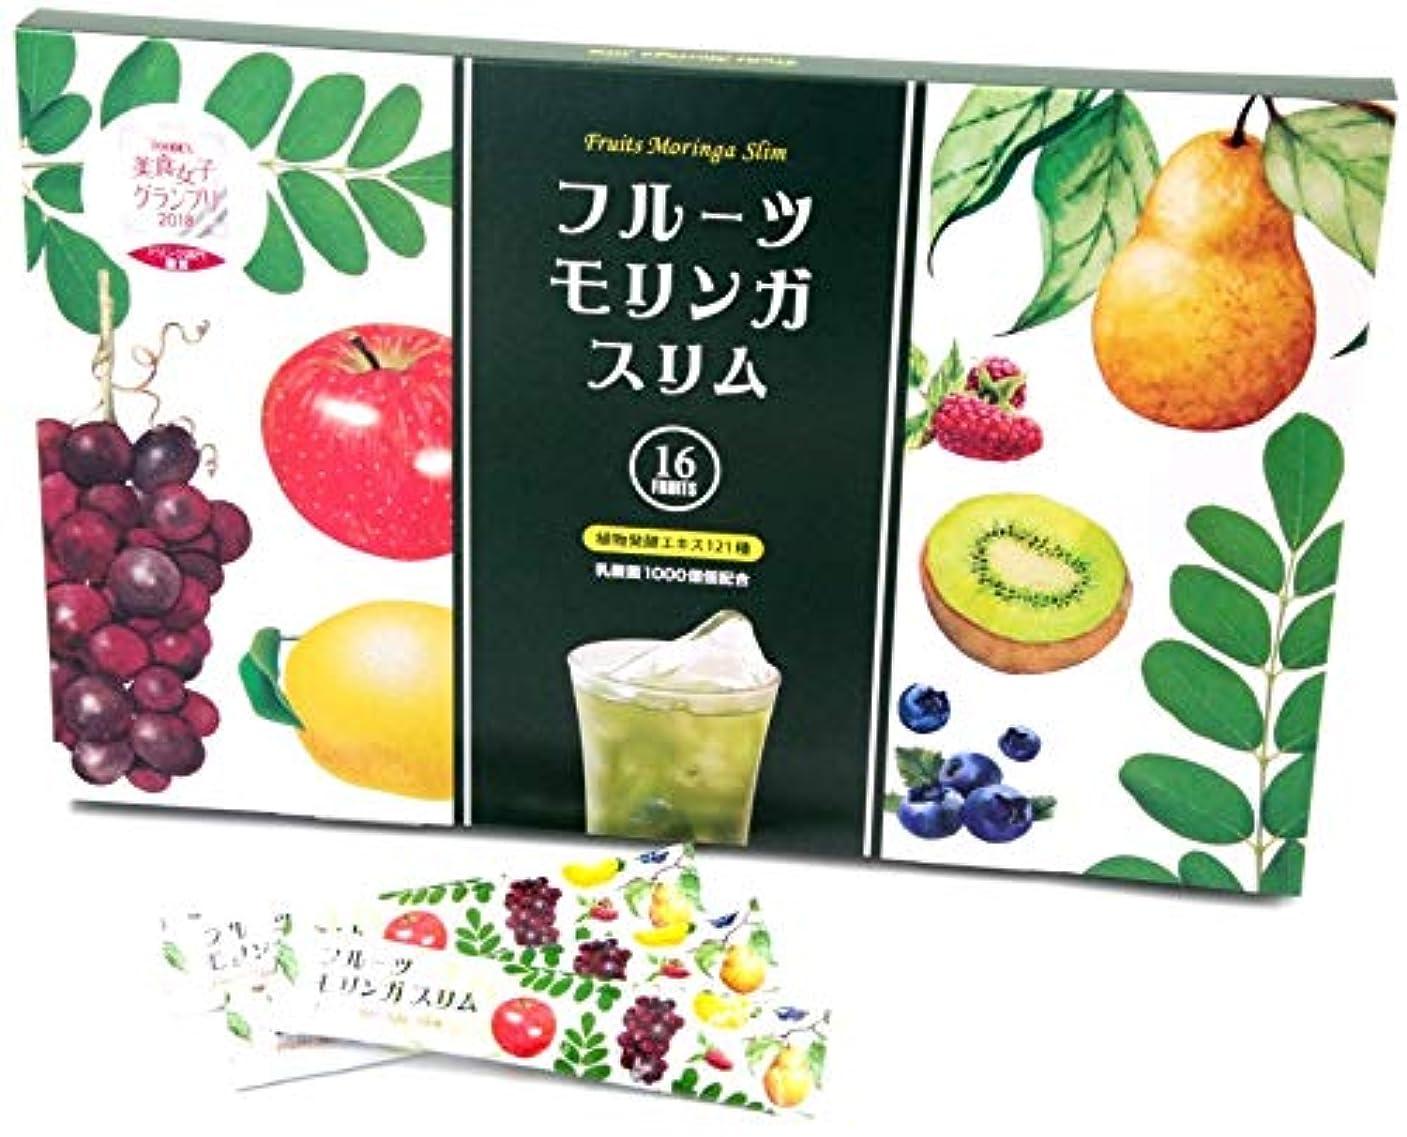 一緒苦しむ残高フルーツ モリンガ 美容 健康 栄養 食習慣 ボディメイク 国産品 (1箱/3g×30包+シェーカー)